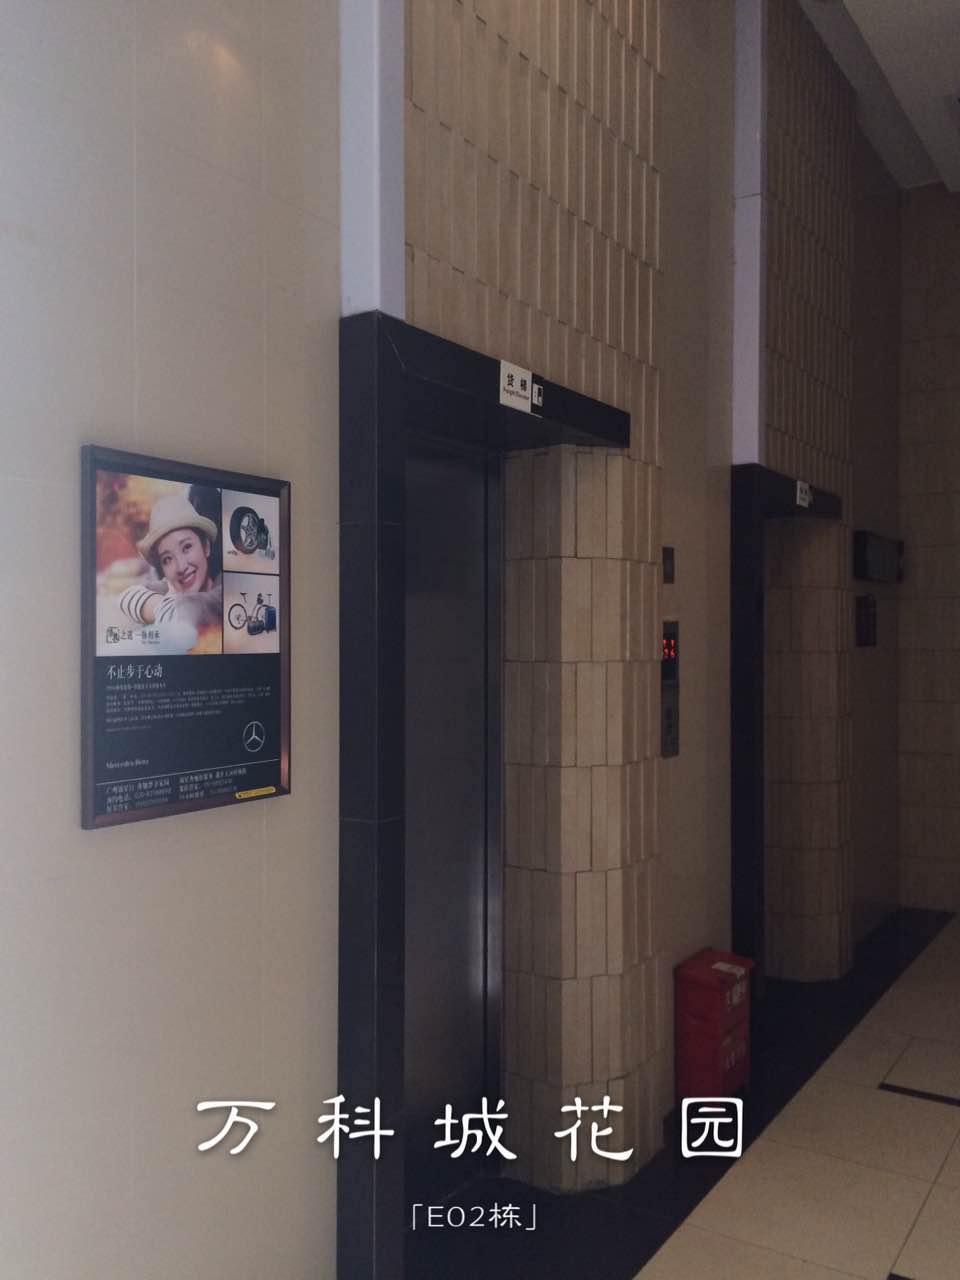 广州珠江帝景电梯口框架凯发彩票手机版下载发布